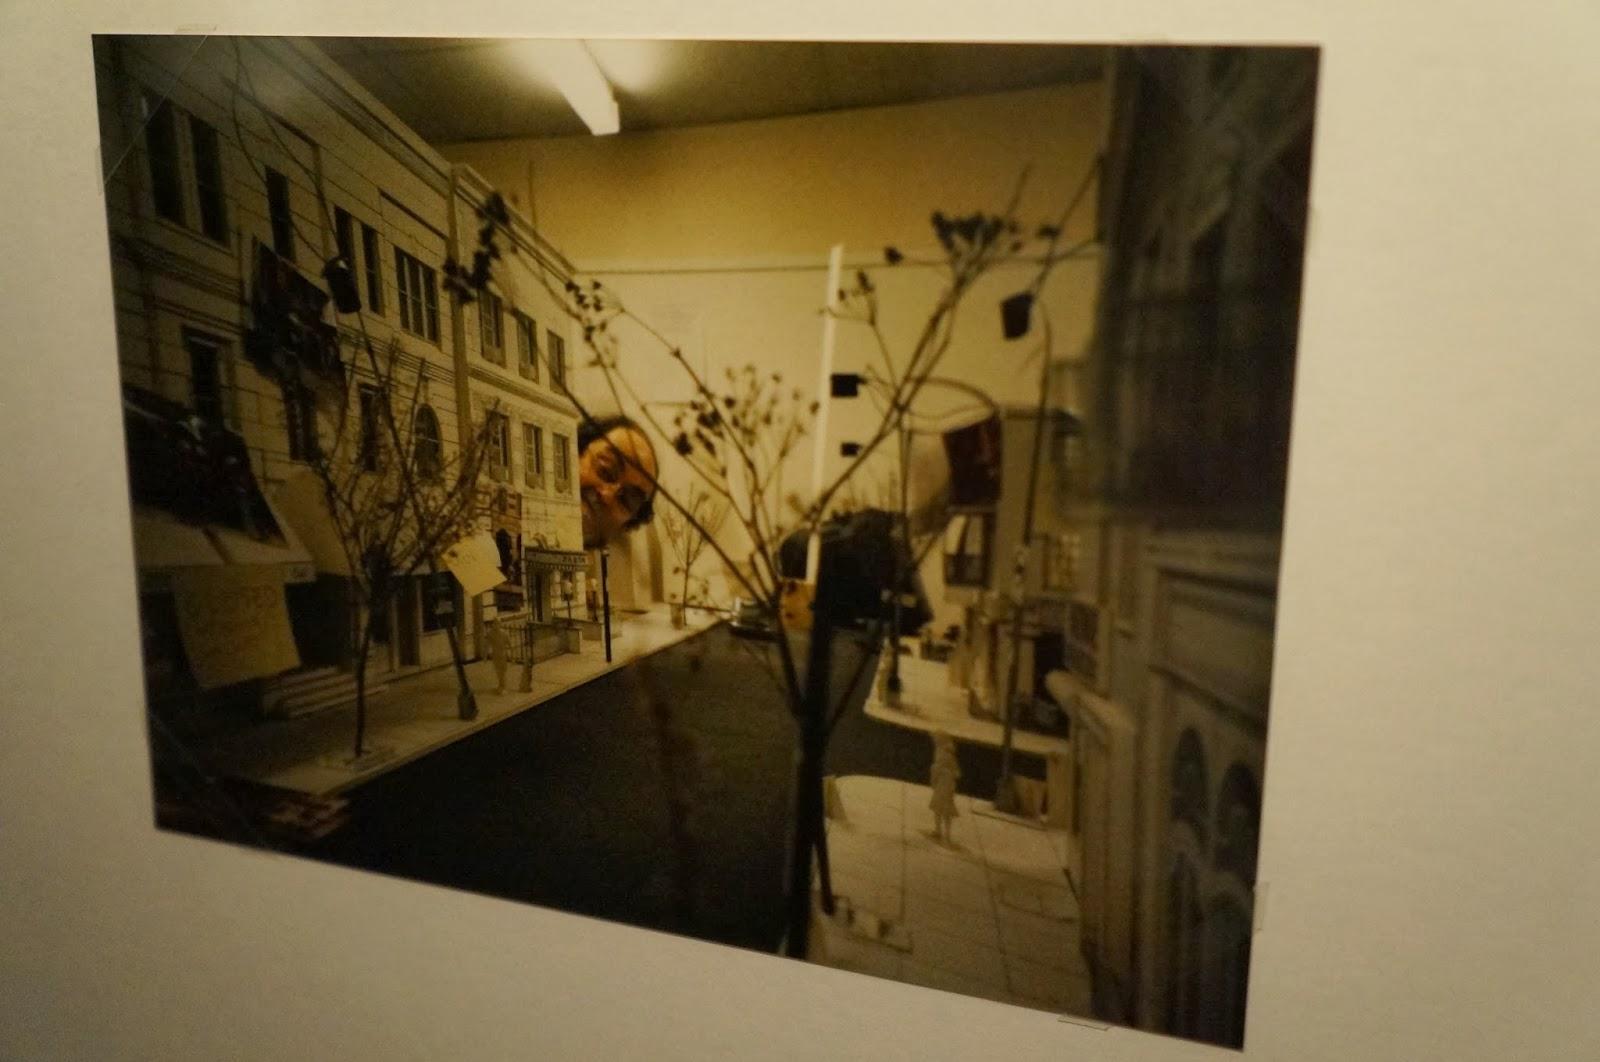 """foto de maquete do filme """"De olhos bem fechados"""" - Stanley Kubrick - MIS - SP"""